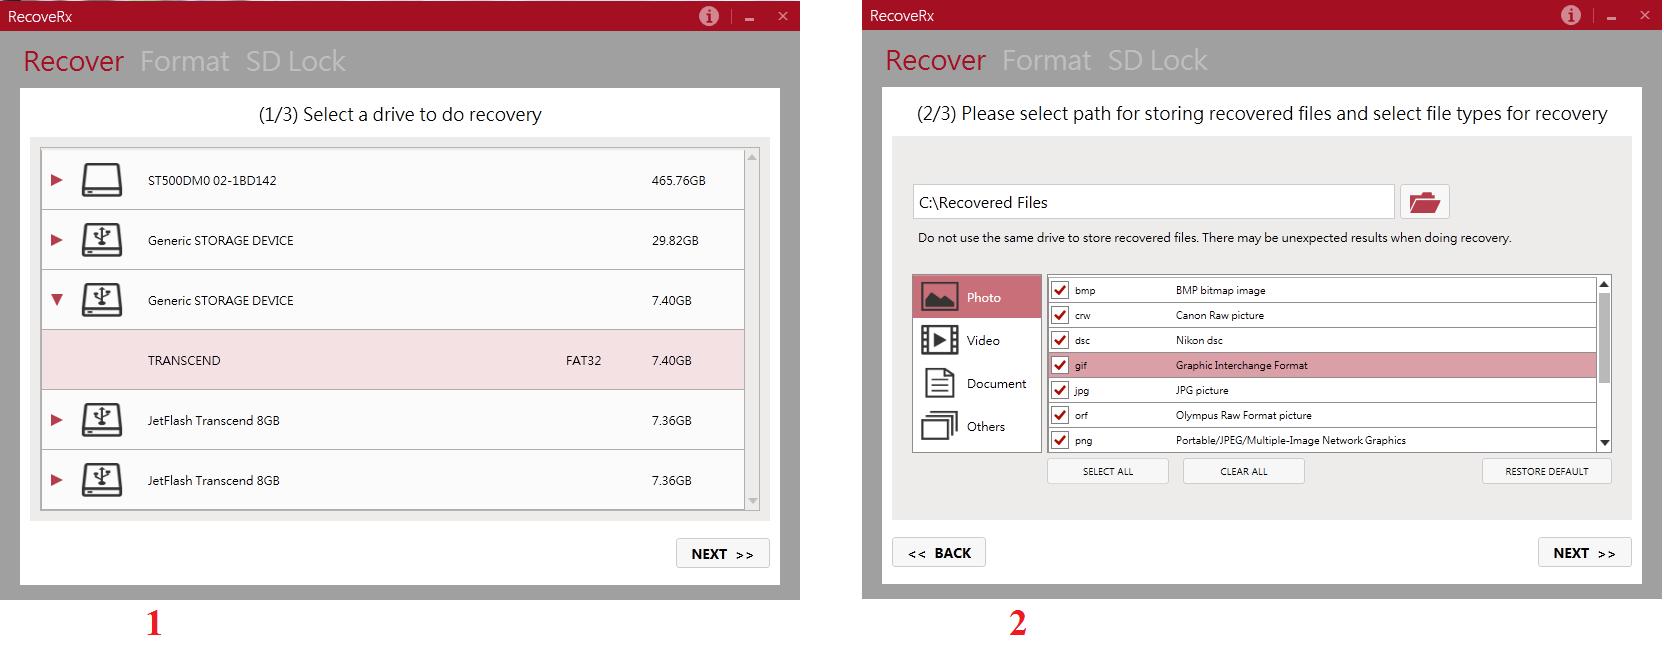 Silinmiş dosyayı Android e geri yüklemek için: talimat